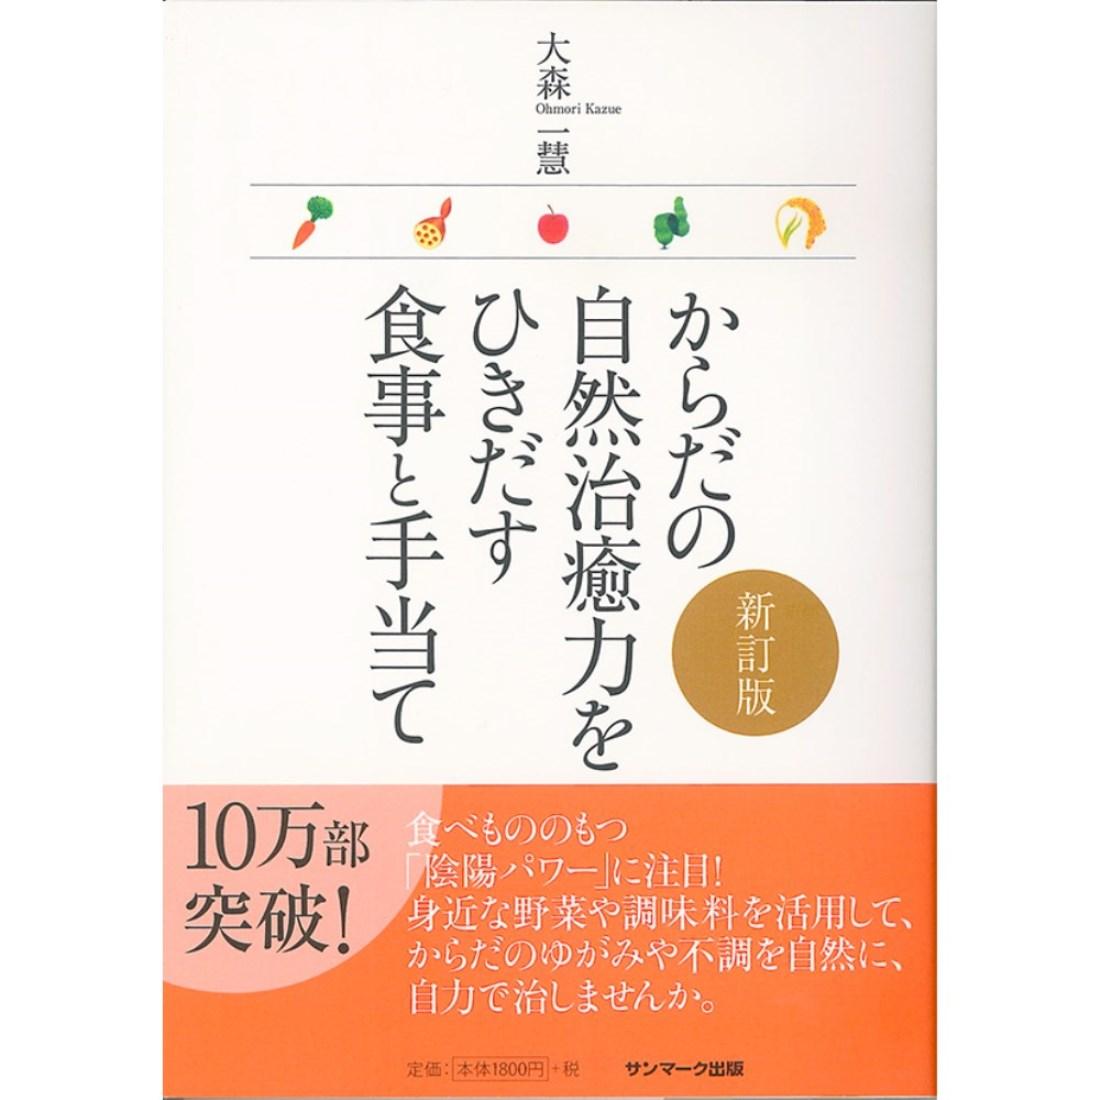 【書籍】 からだの自然治癒力をひきだす食事と手当て※改訂版